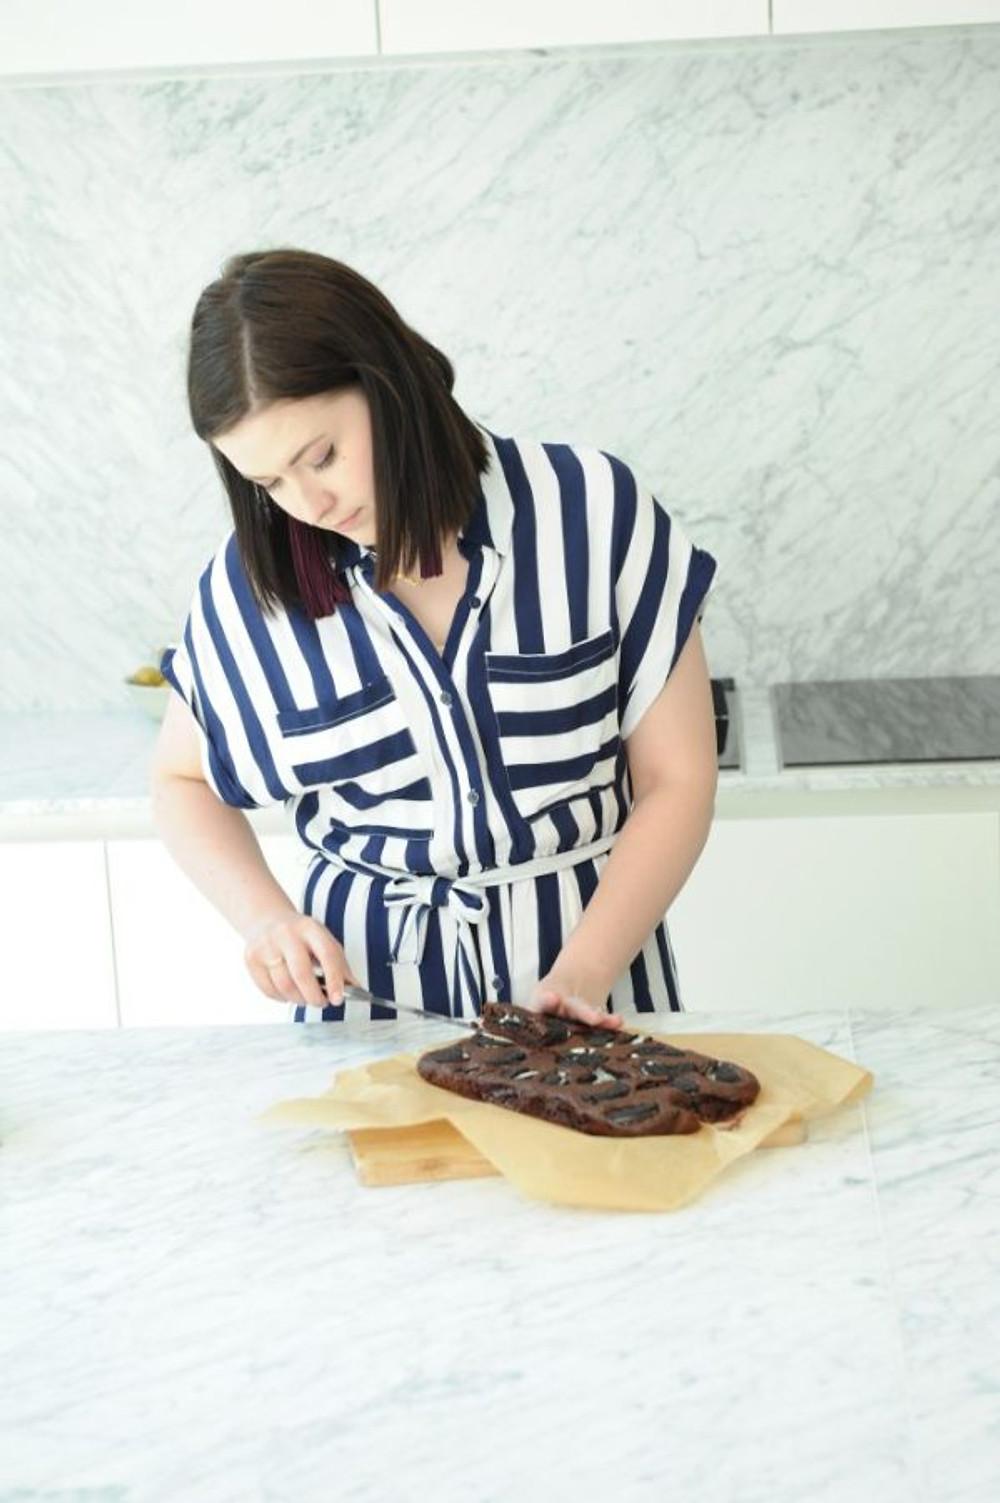 Karolien snijdt haar brownie aan in haar keuken.